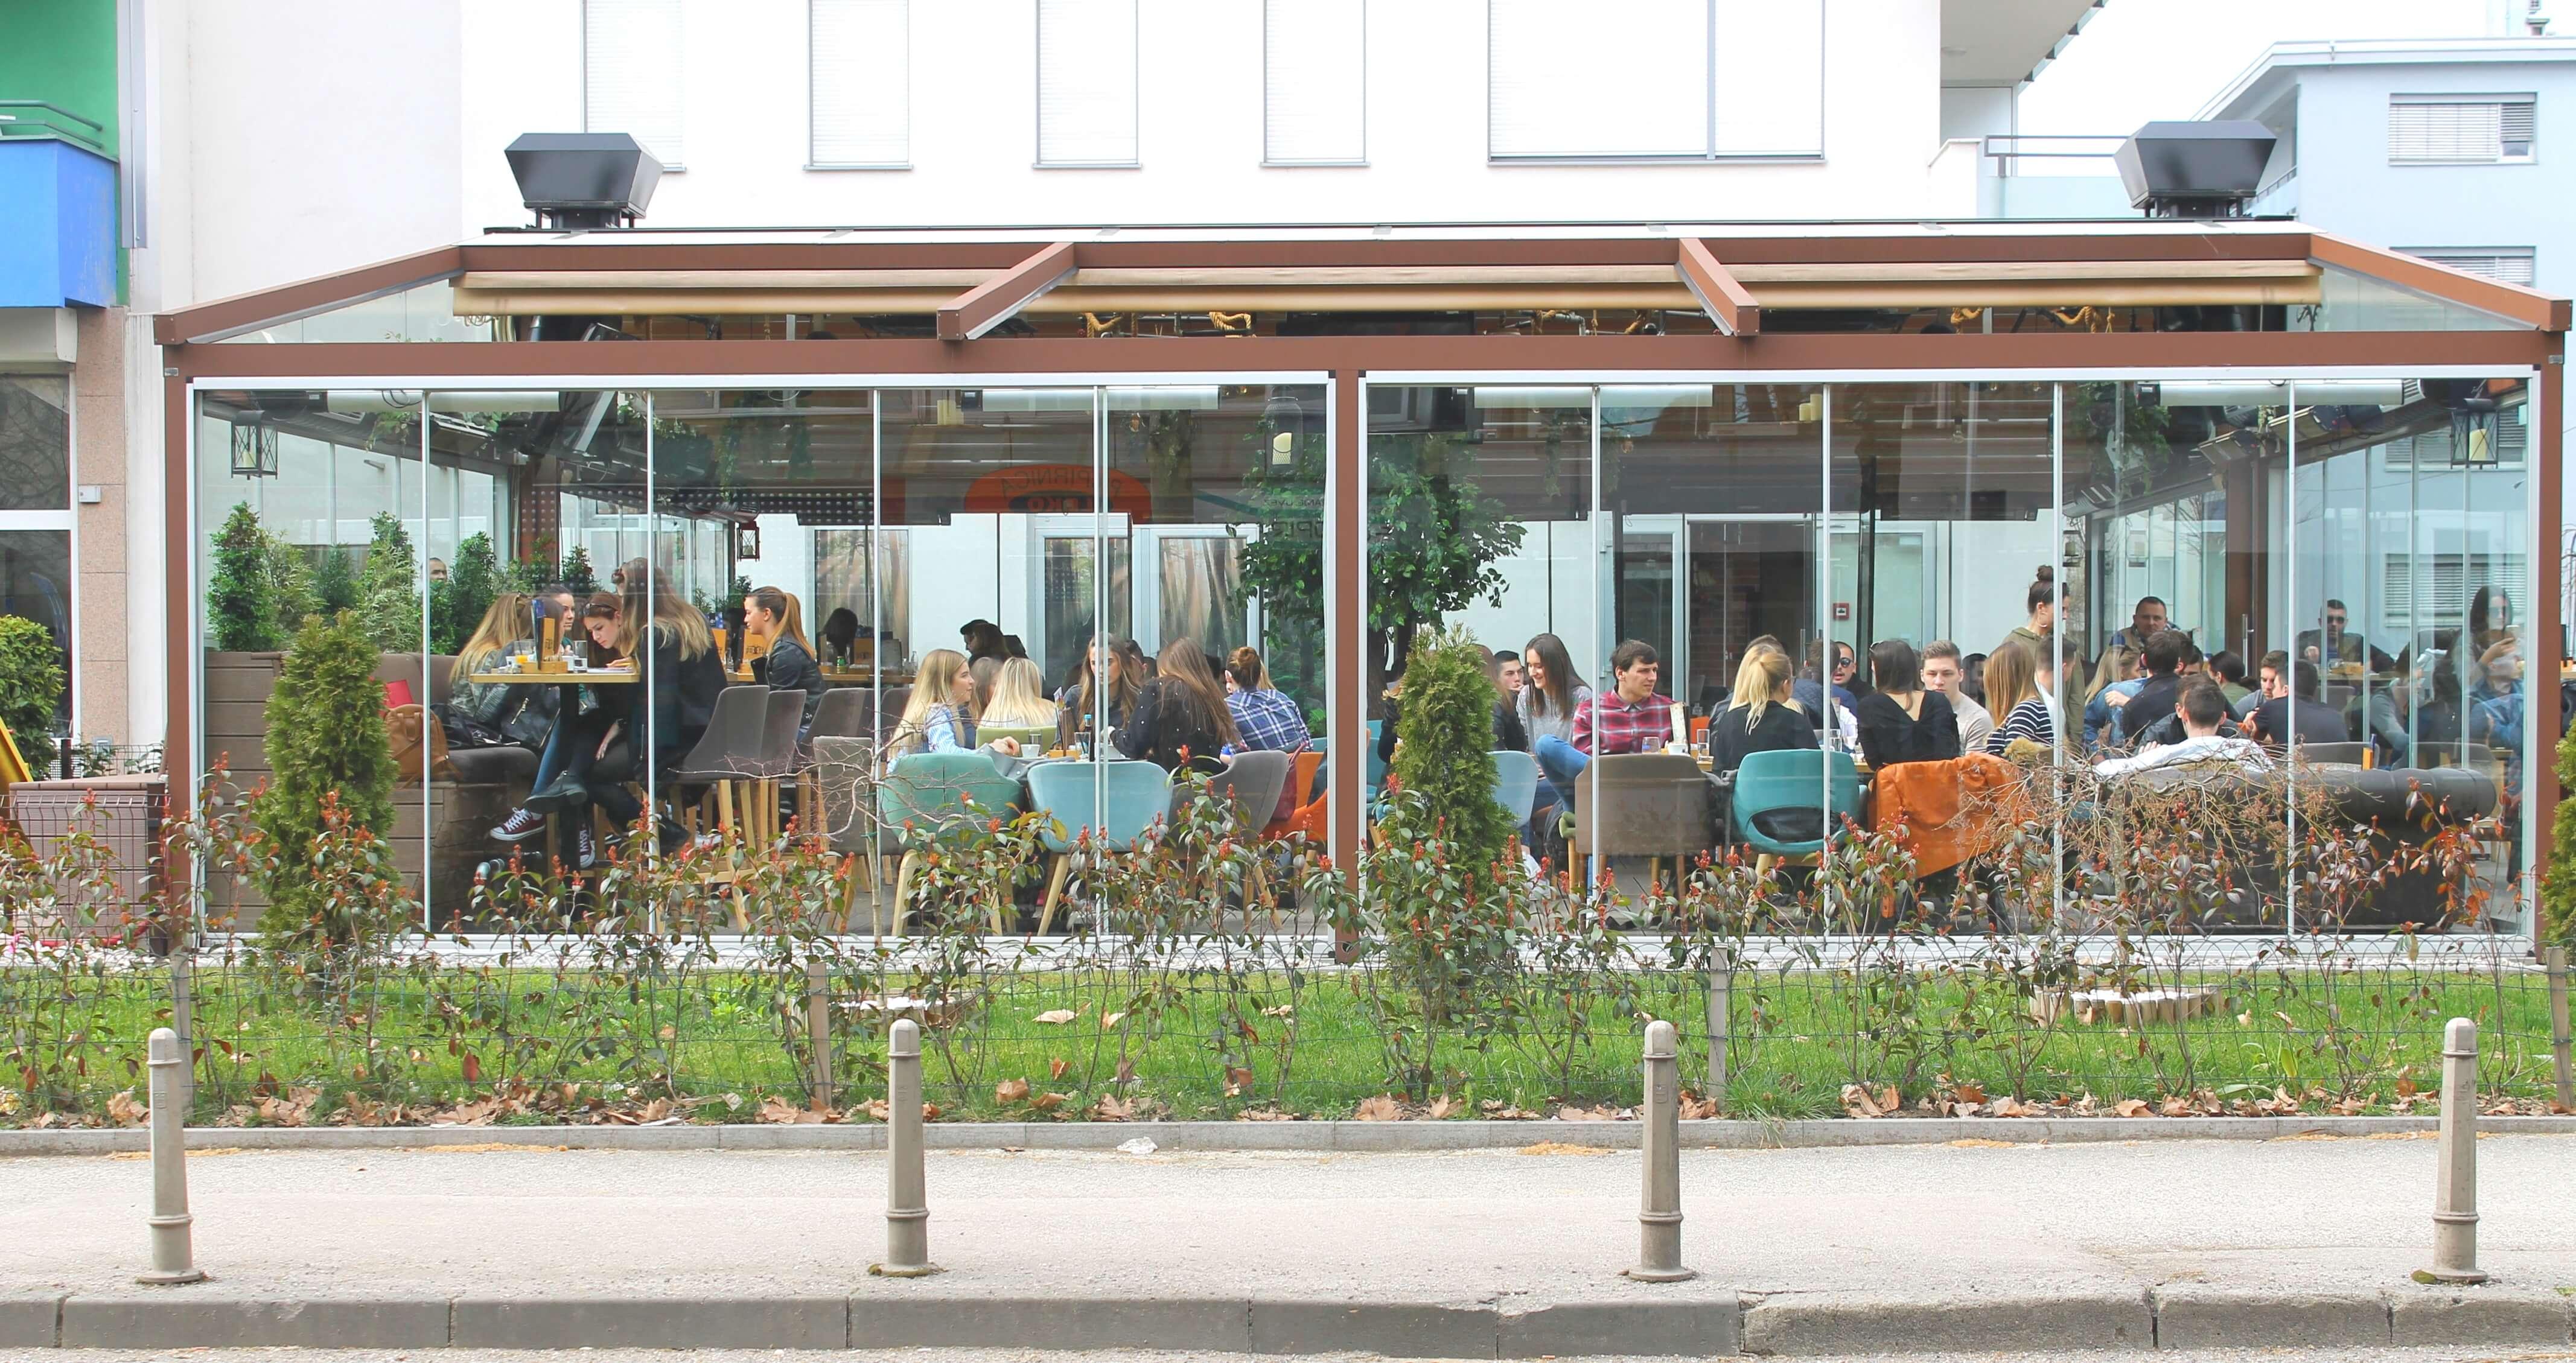 Kratka horor priča: Odlazak na terasu kafića